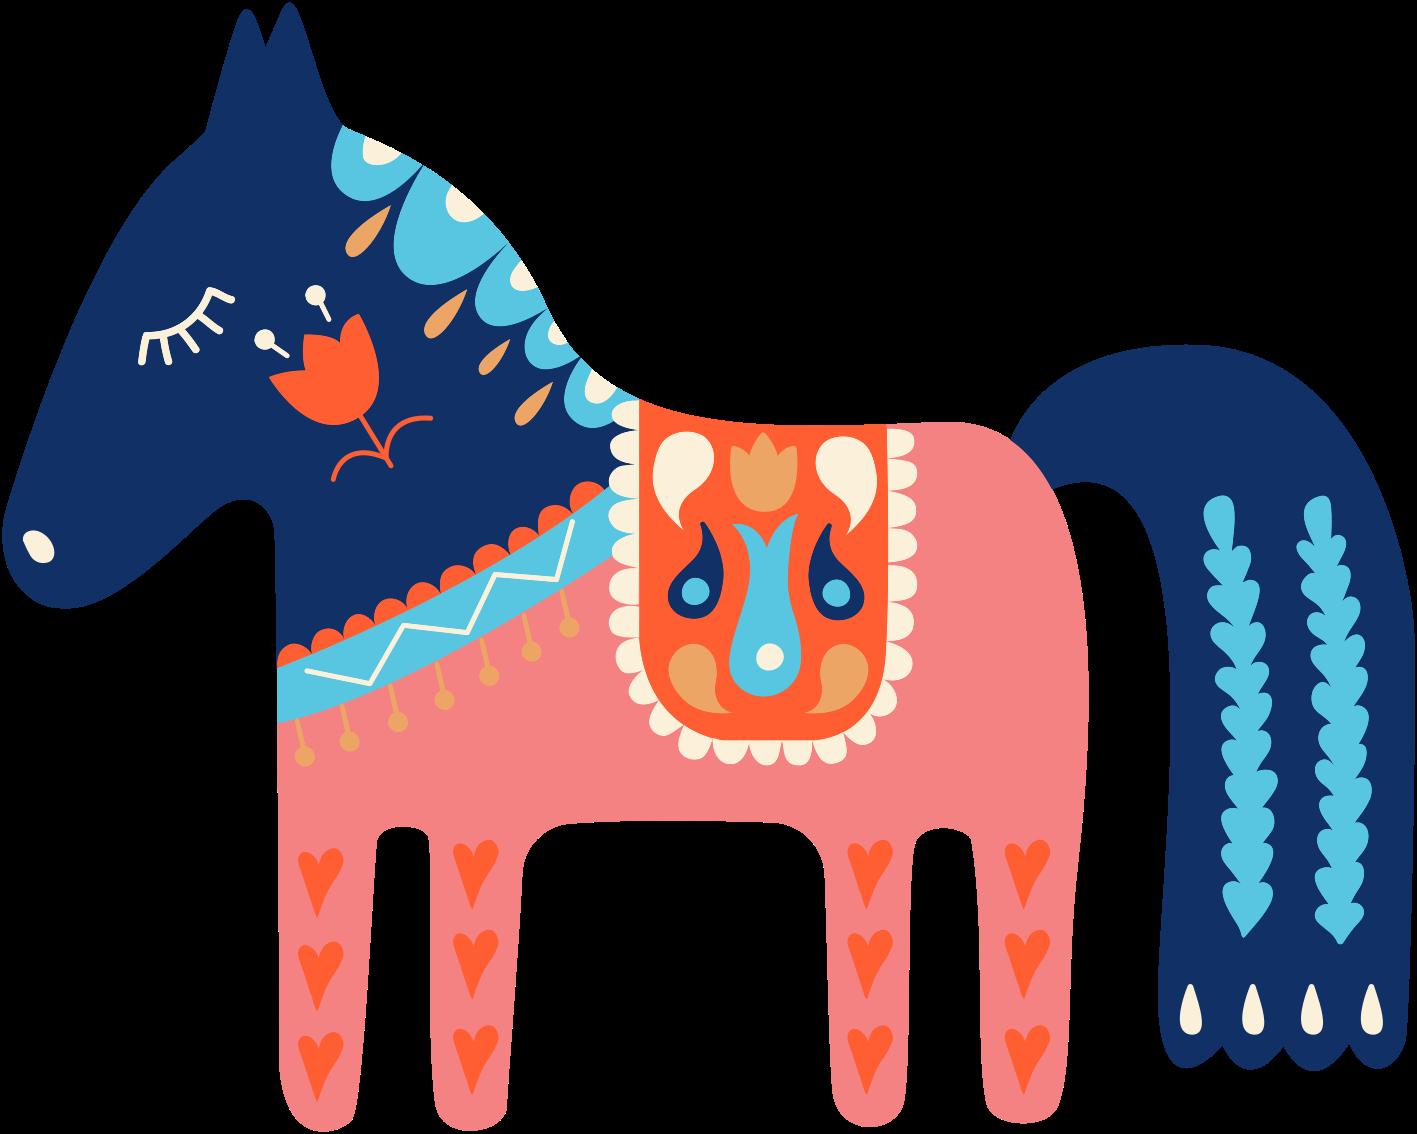 TenVinilo. Vinilo animales caballo azul folclore eslovaco. Fantástico vinilo de animales con caballo azul y vestimenta rosa de Eslovaquia para que decores tu casa de forma original ¡Envío exprés!